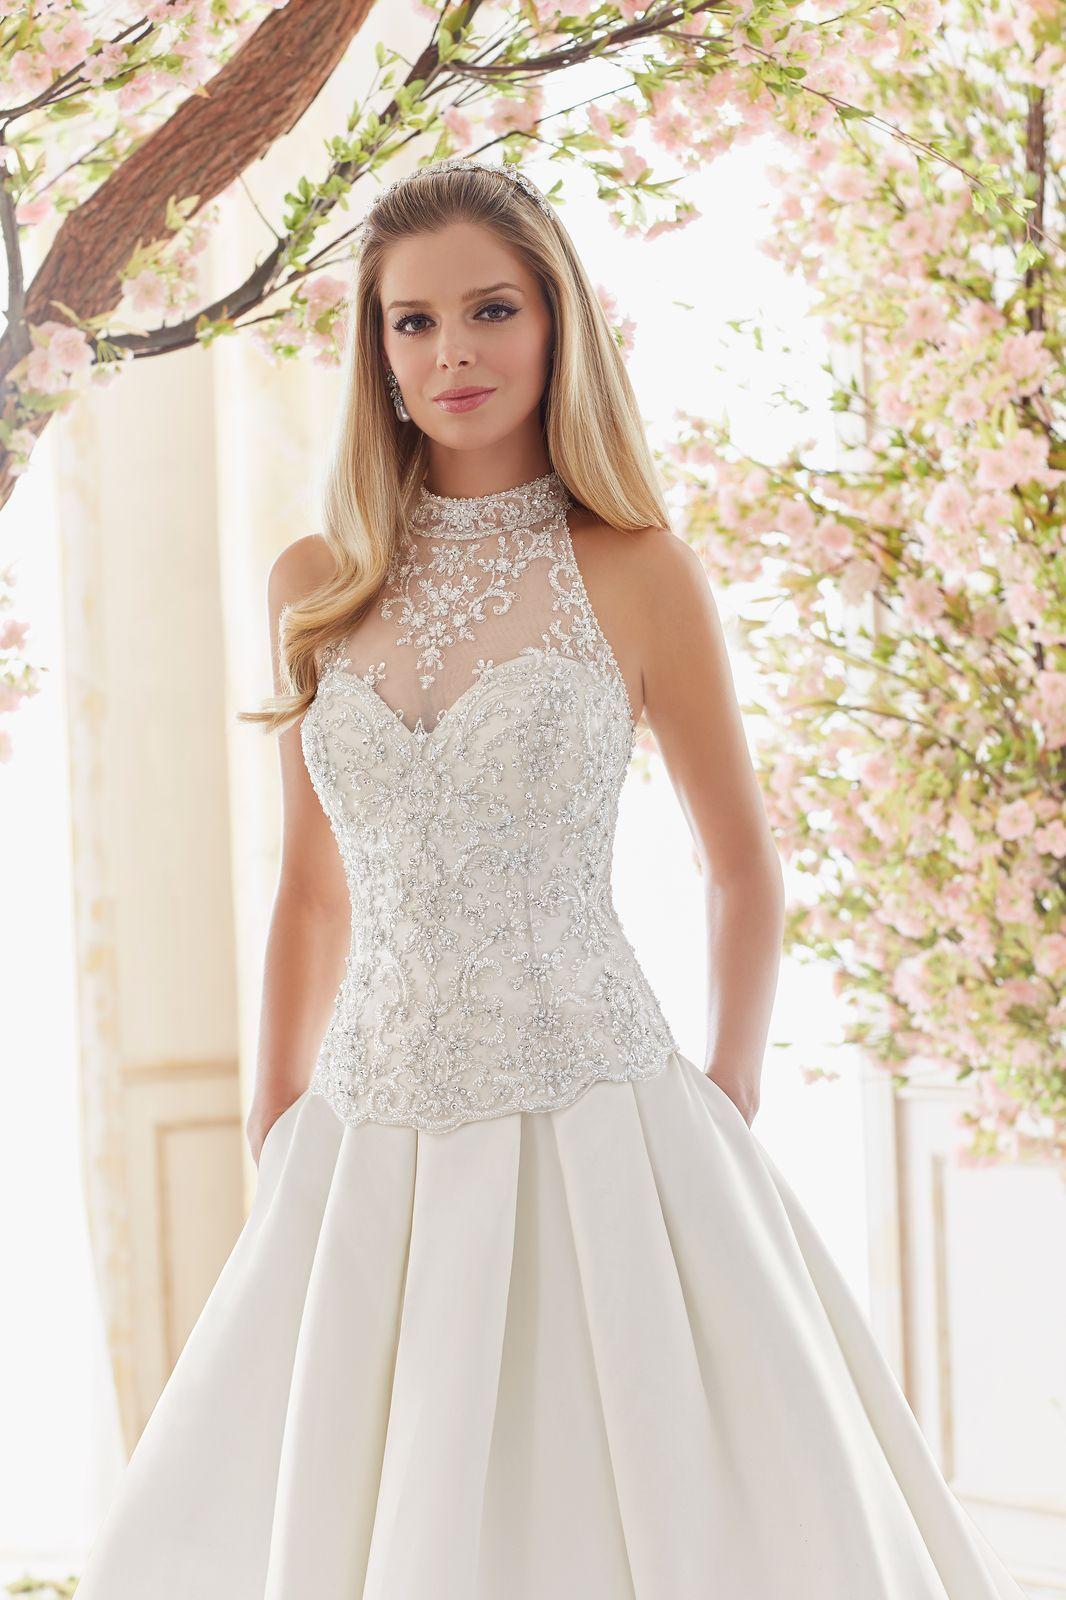 Gemütlich Brautjungfern Kleid Mieten Fotos - Hochzeit Kleid Stile ...